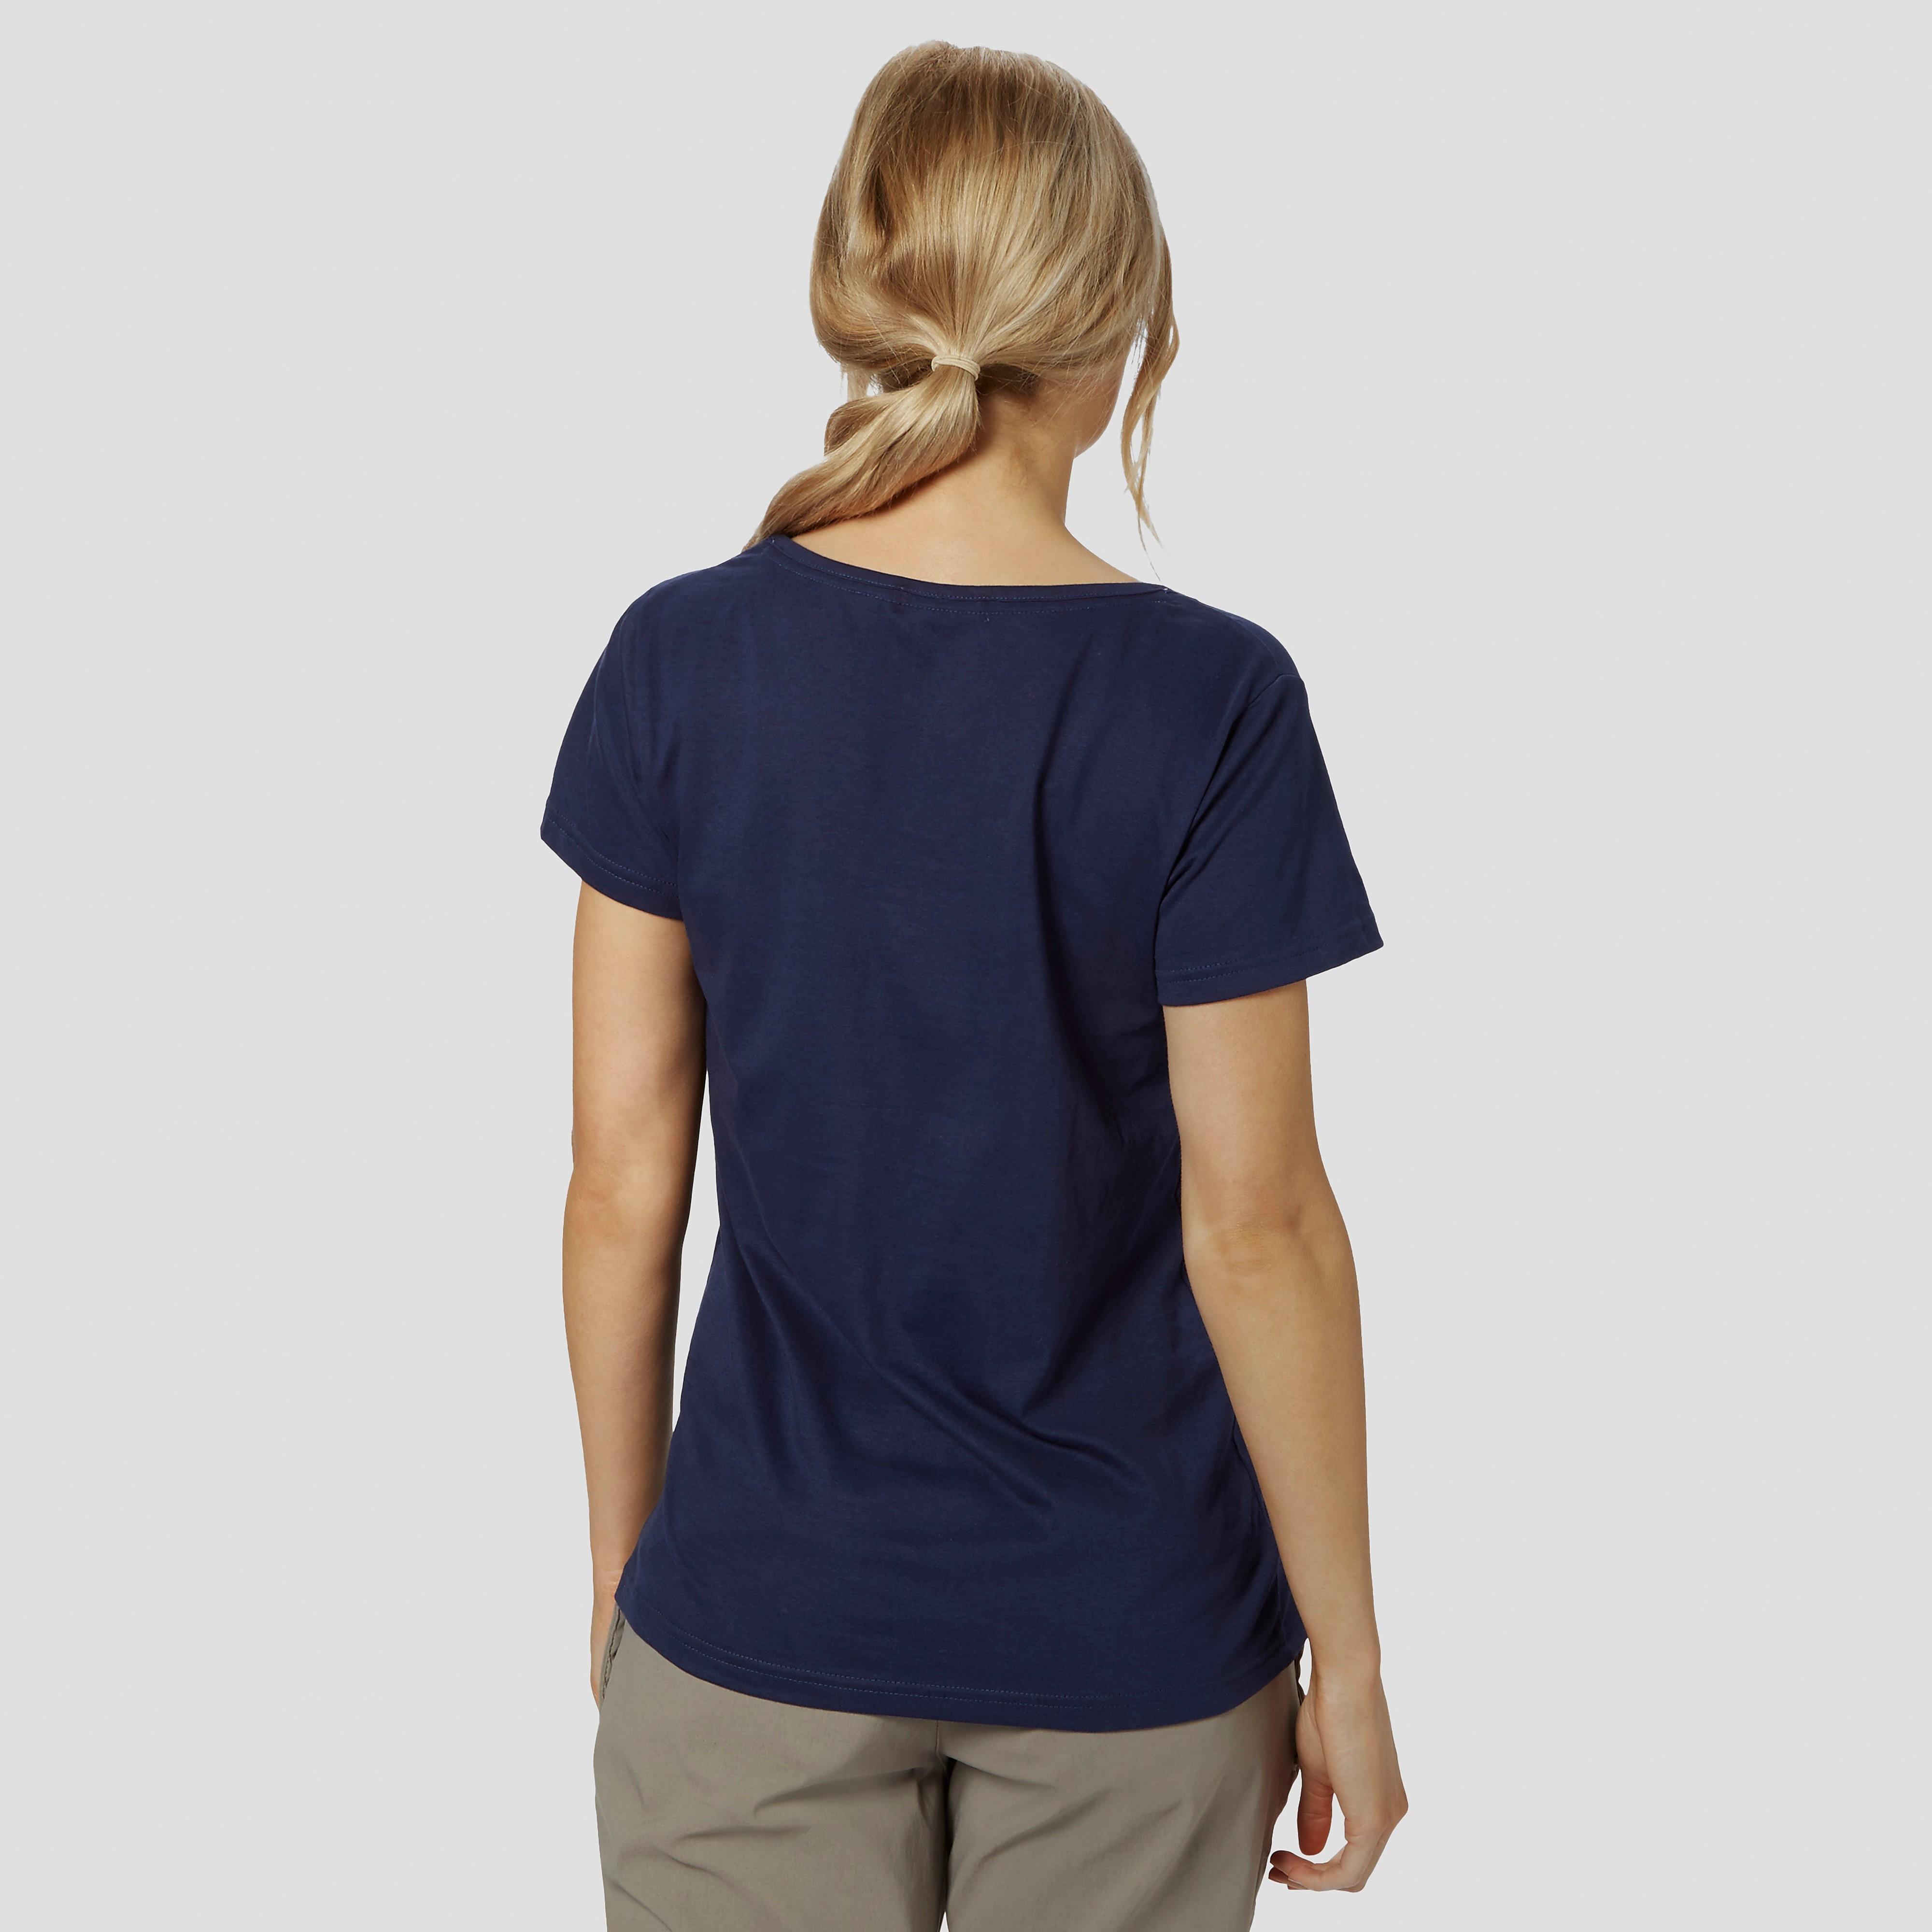 Peter Storm Women's Ridealong T-Shirt